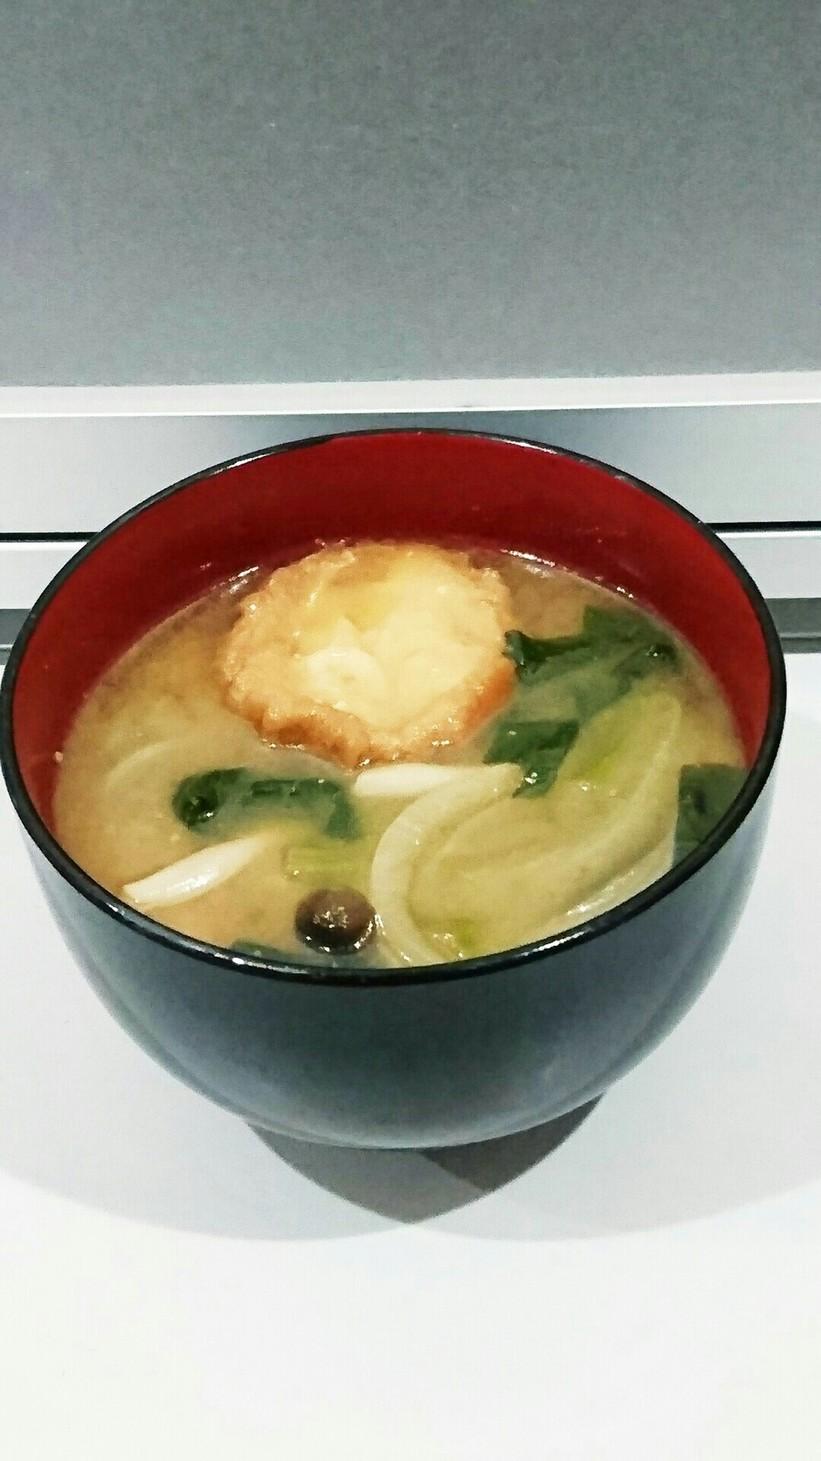 仙台麩と小松菜・しめじ・玉ねぎの味噌汁